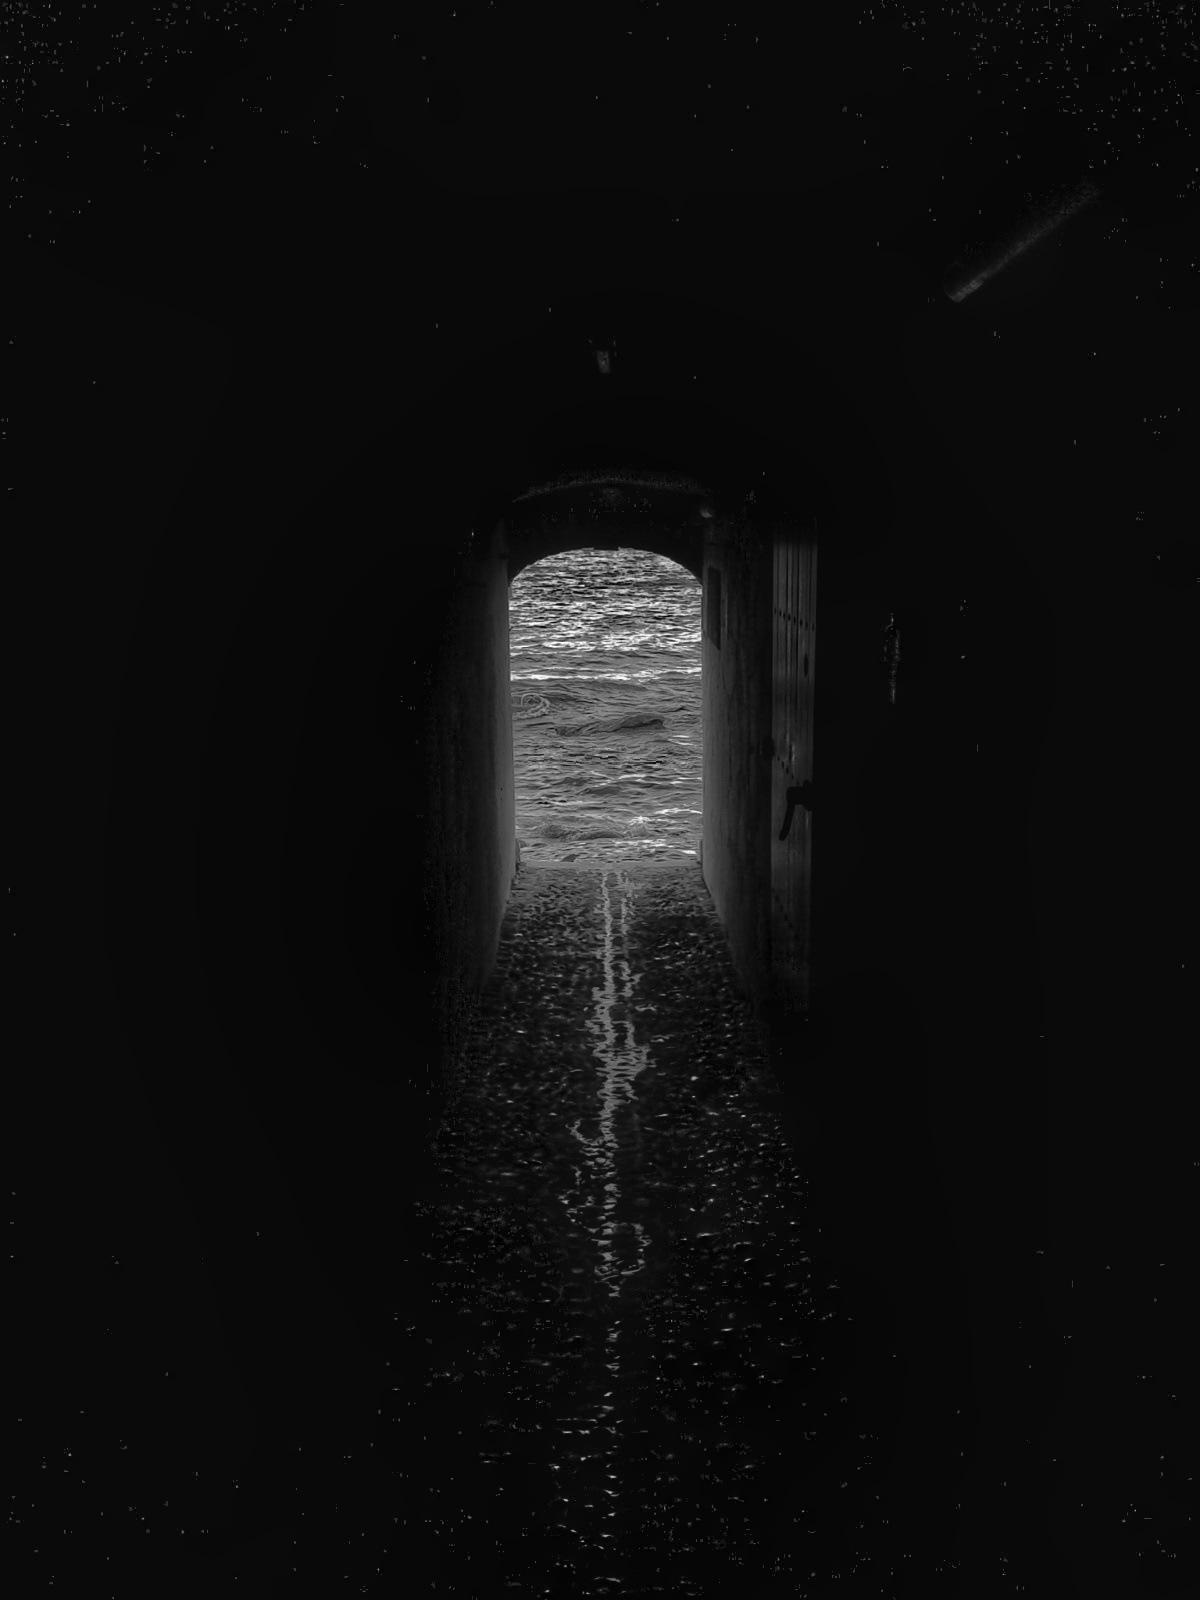 un segreto by Antonia